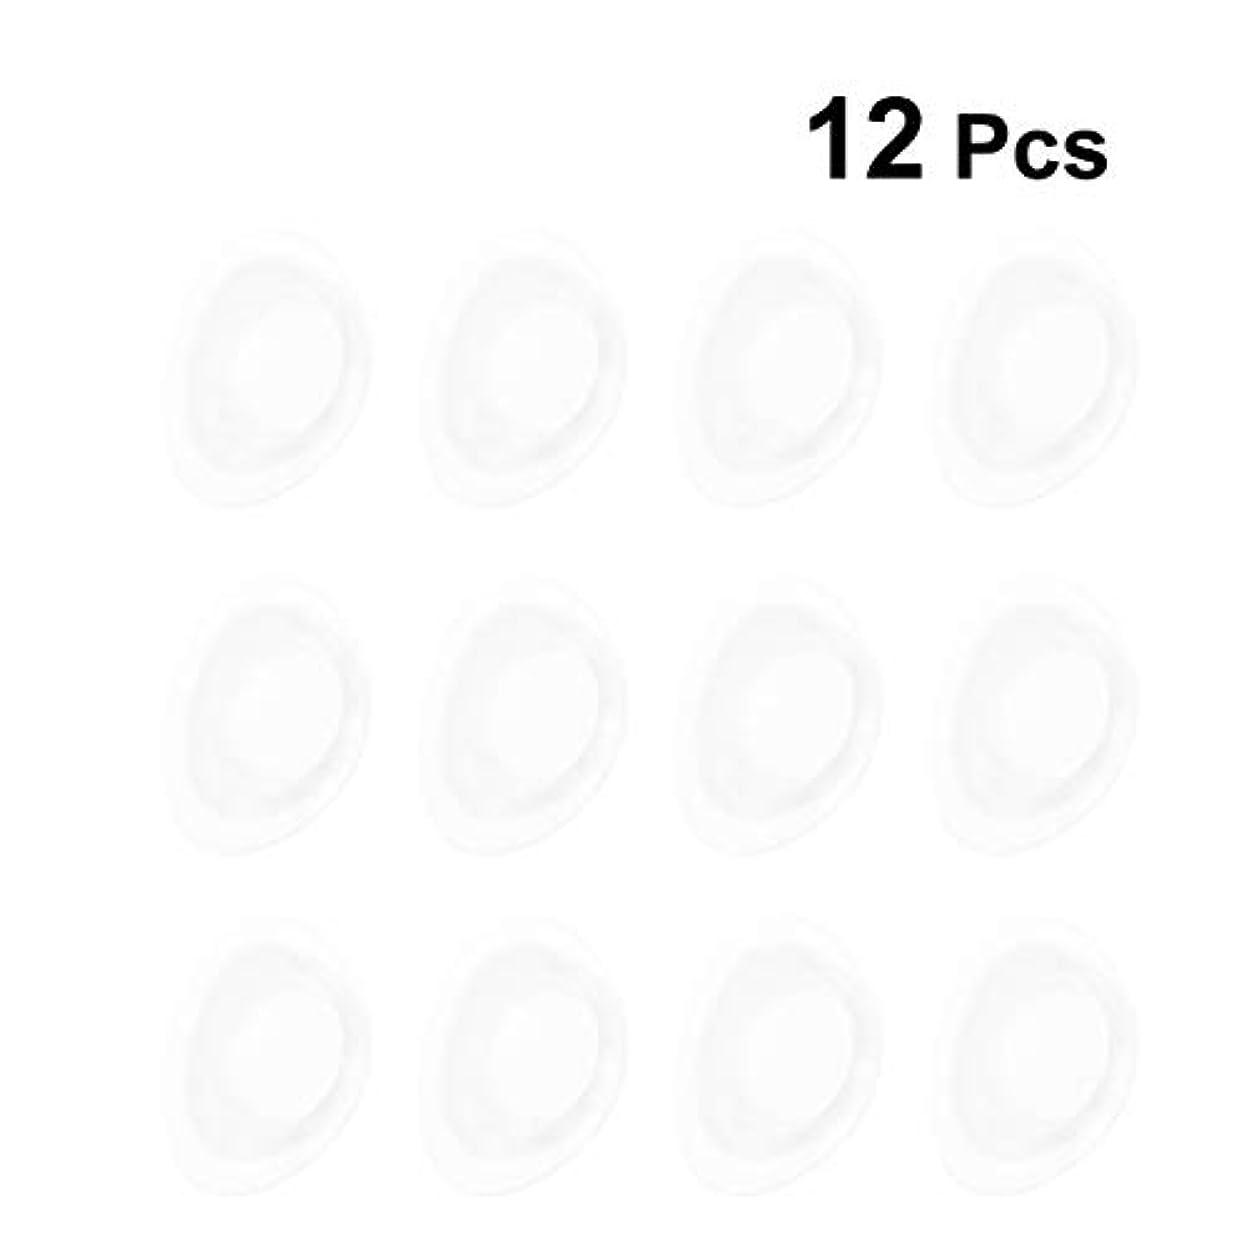 適合しましたゲートホーンSUPVOX さわやかなクリーニングの疲れた目のための12PCSアイウォッシュカップセットシリコンアイバスカップ